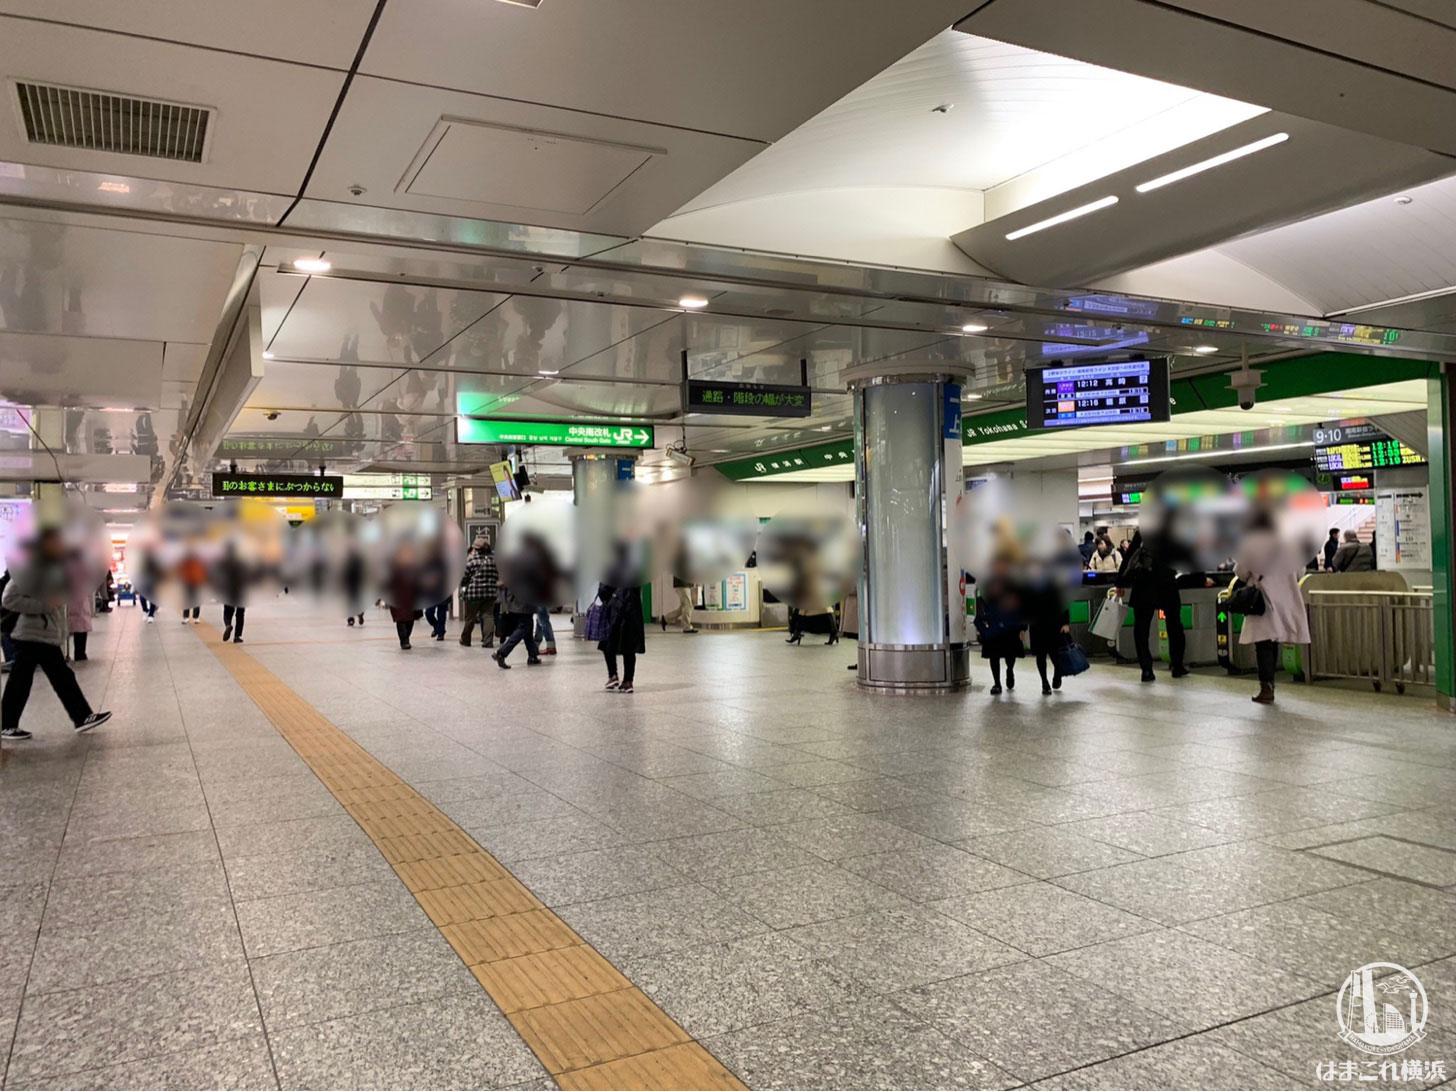 横浜駅 中央通路から見た現在のJR中央南改札